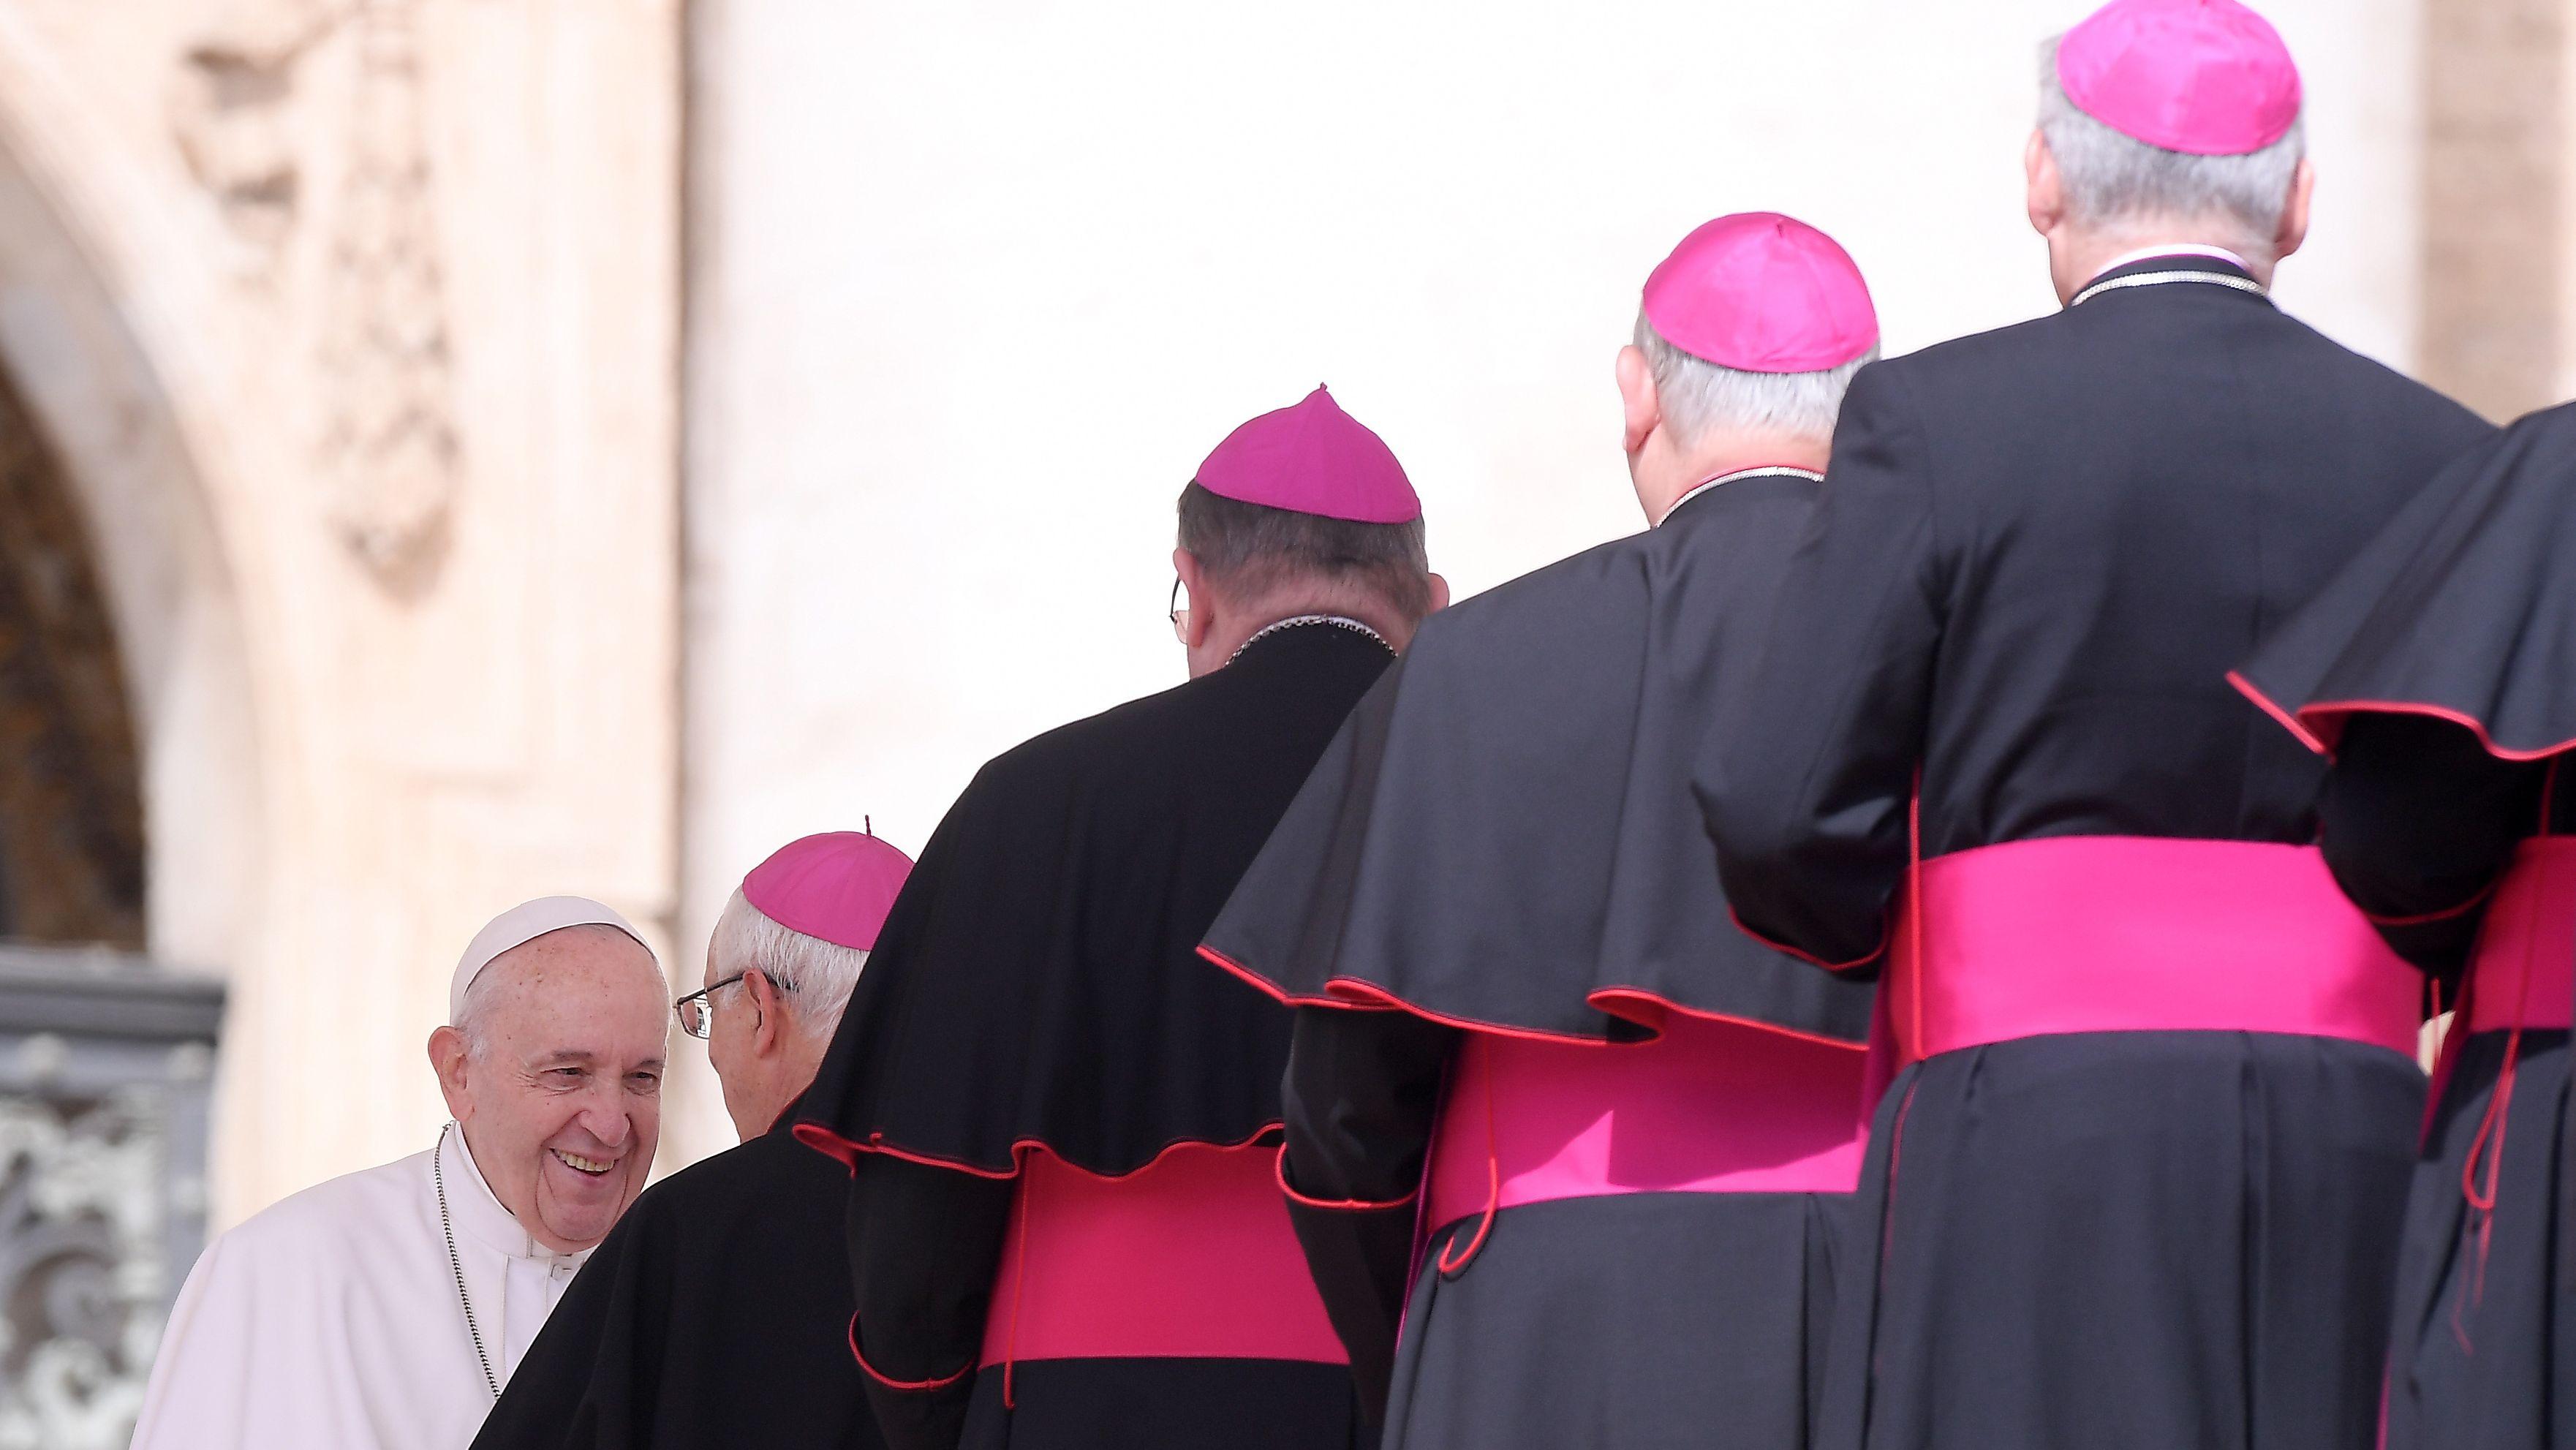 Papst Franziskus I. (li) empfängt Bischöfe aus aller Welt bei der wöchentlichen Generalaudienz auf dem Petersplatz